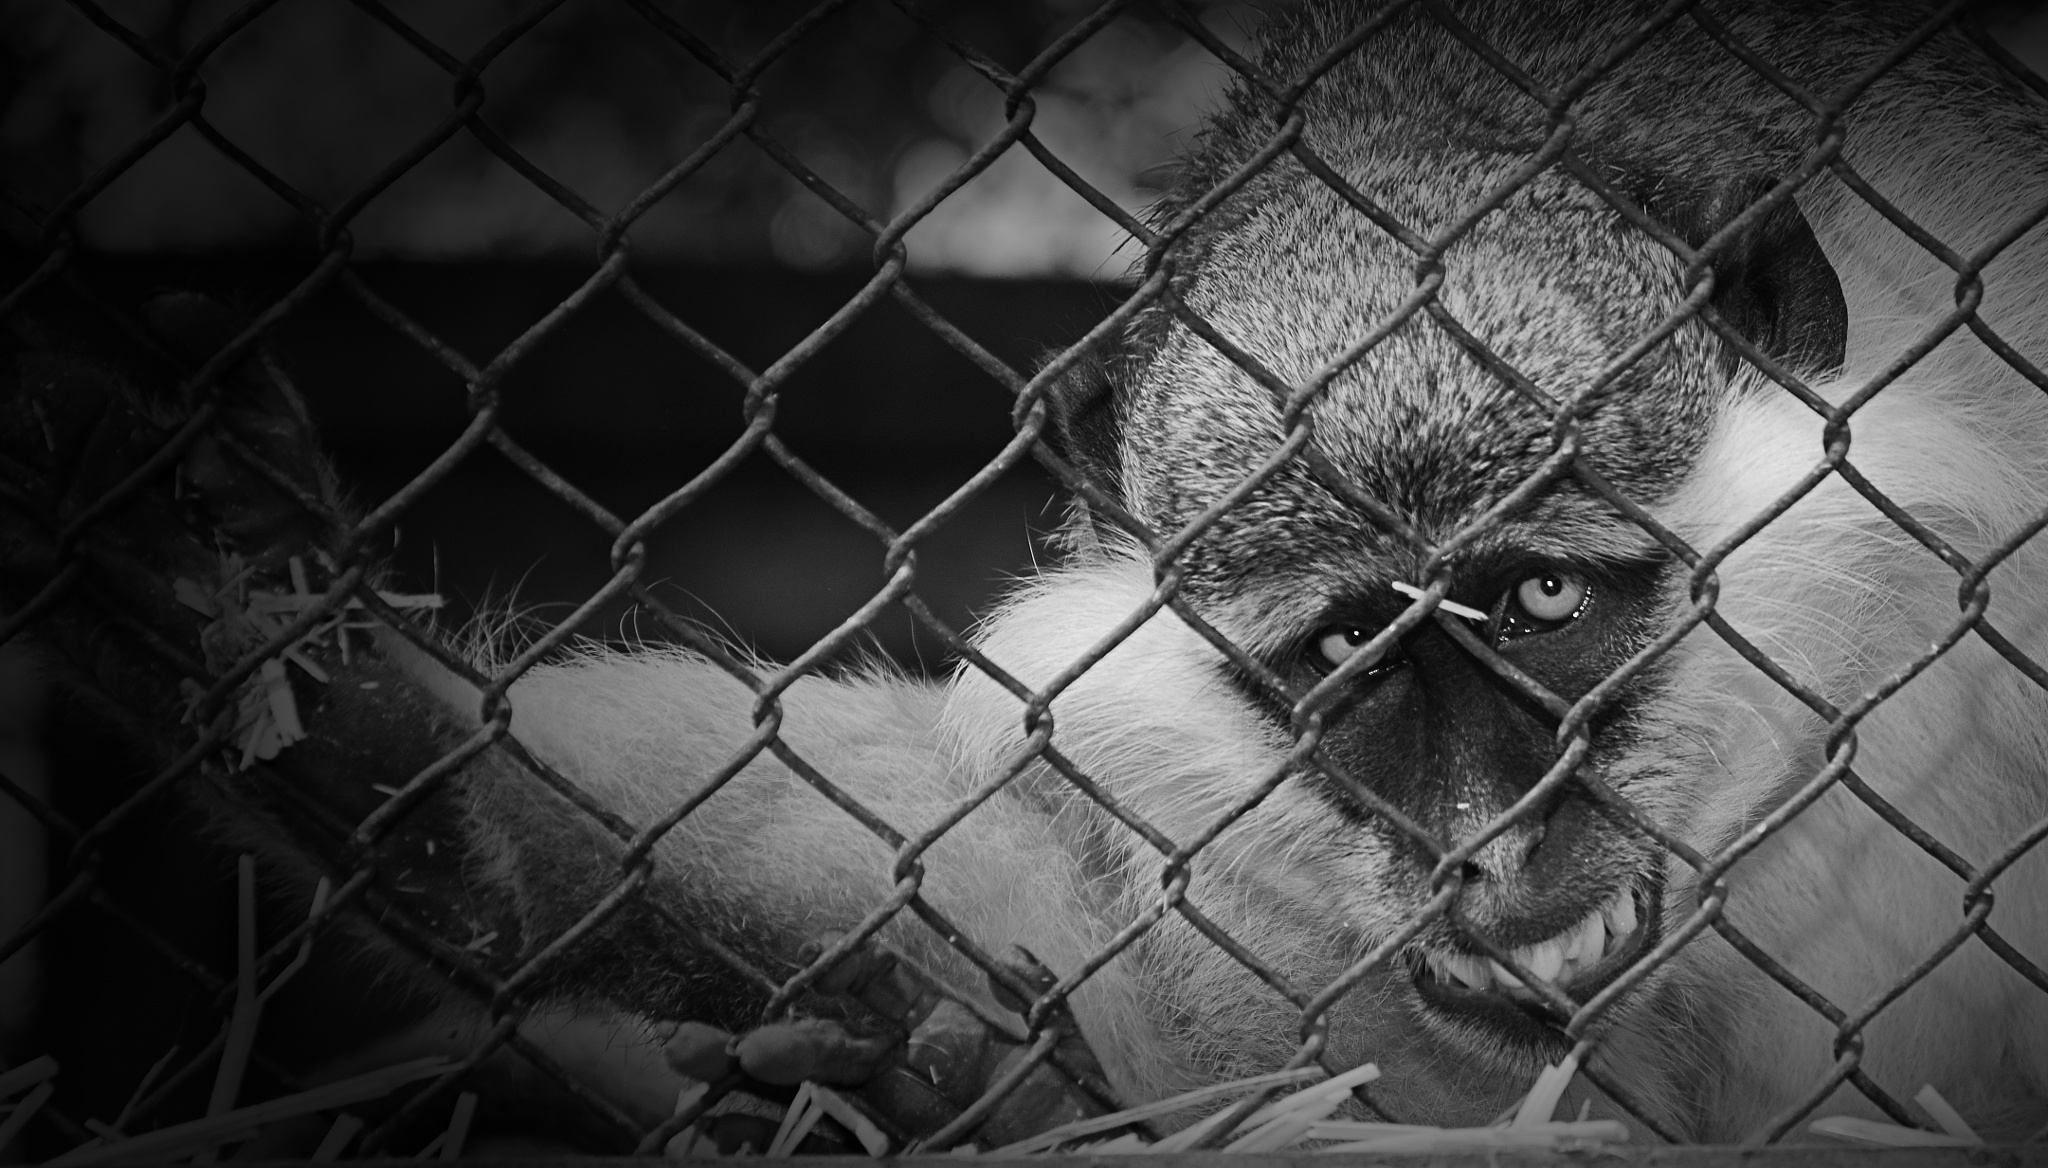 Anger monkeys by Mohamed Mahdy